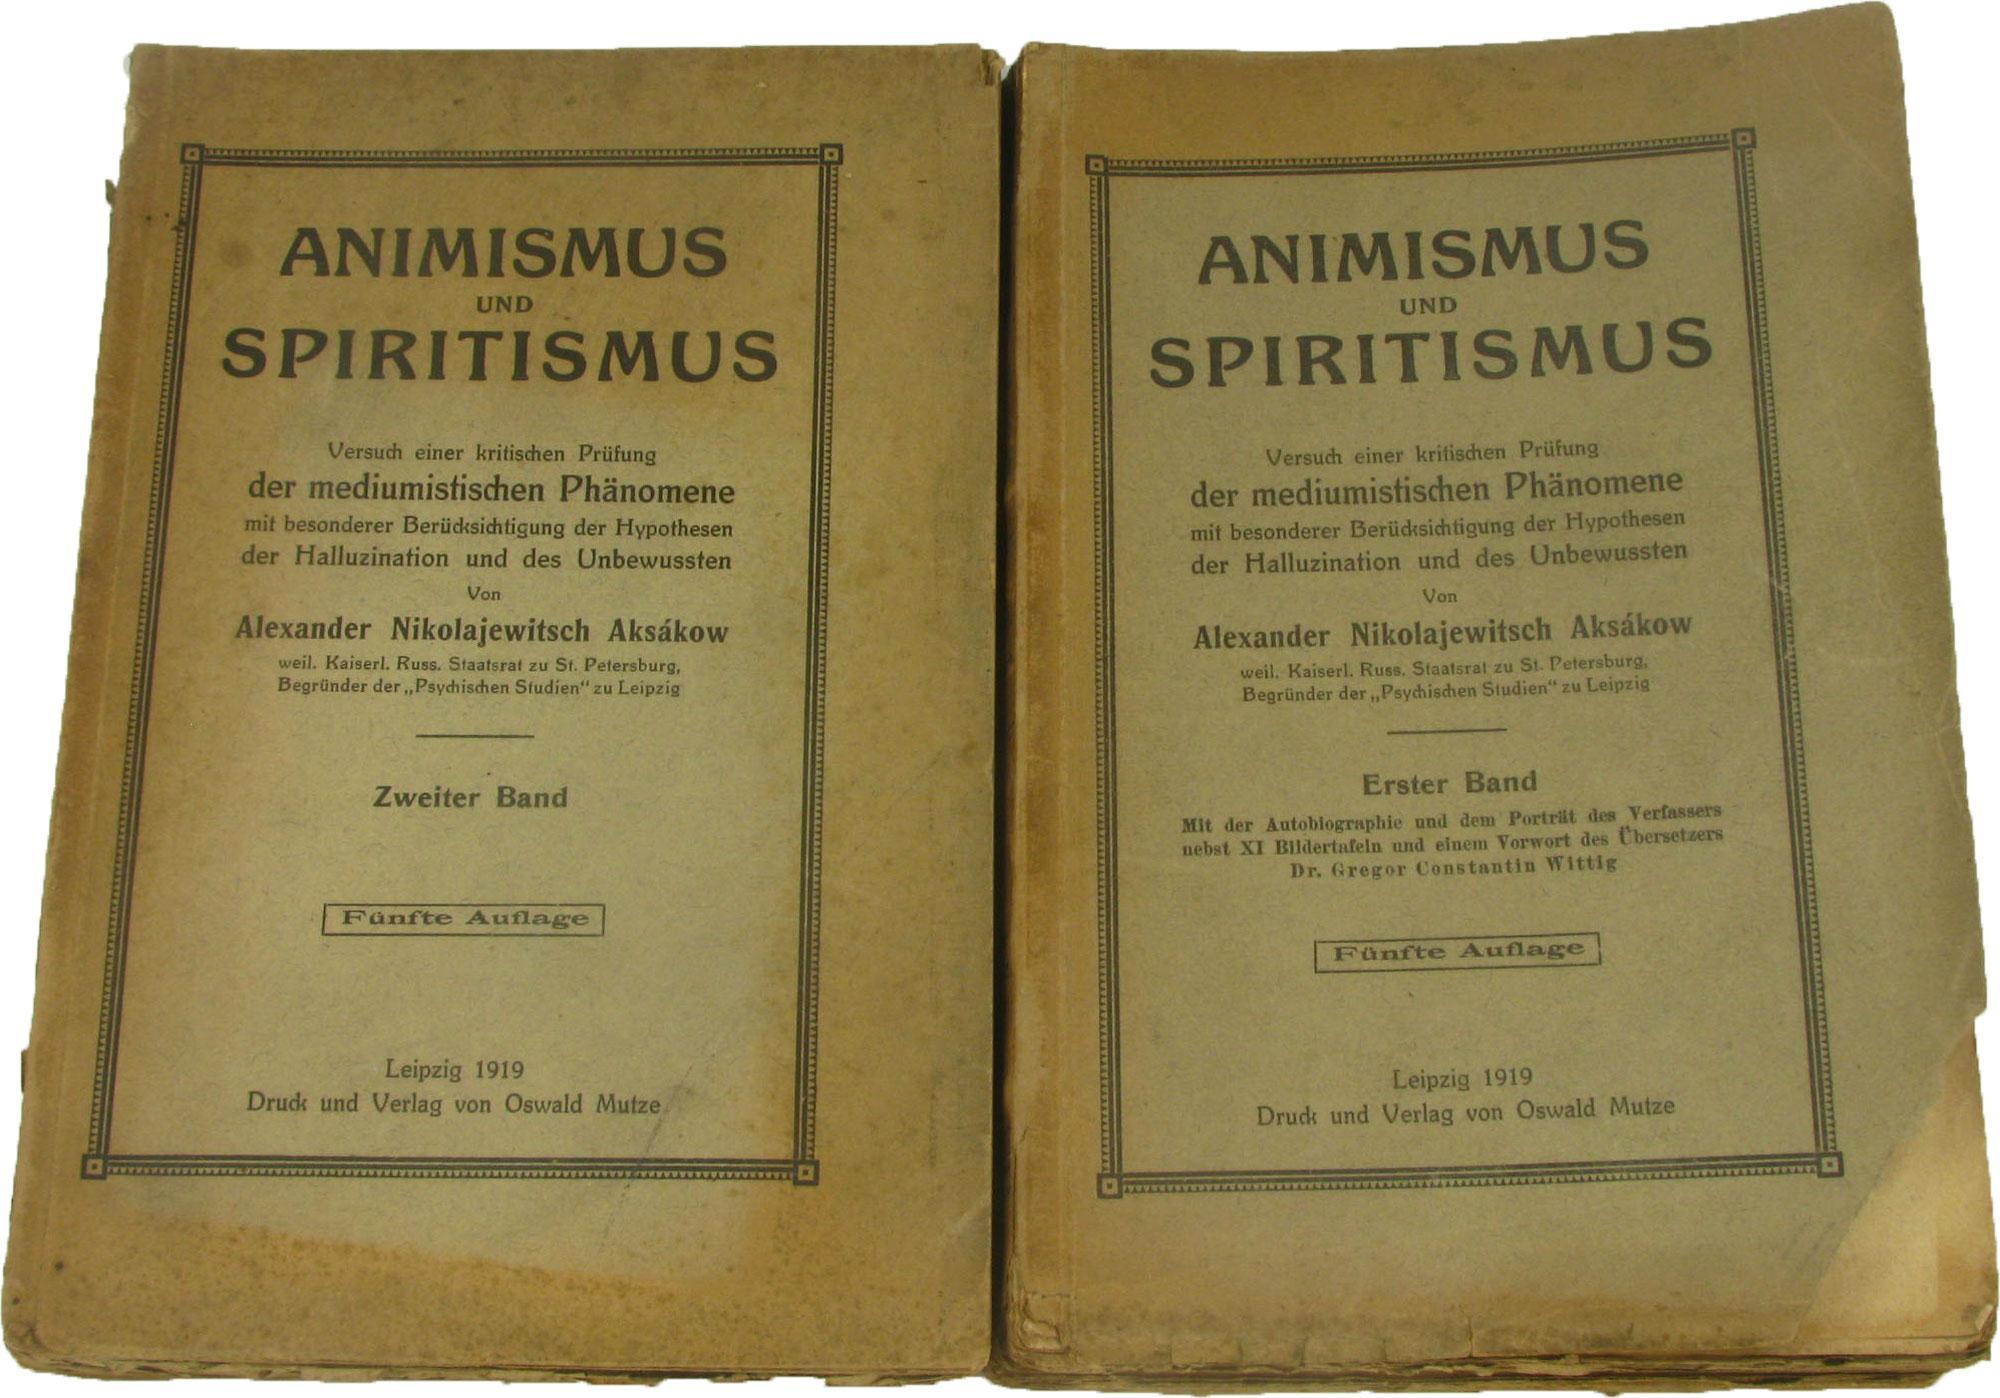 Animismus und Spiritismus (2 Bde.),: Aksakow, Alexander Nikolajewitsch: